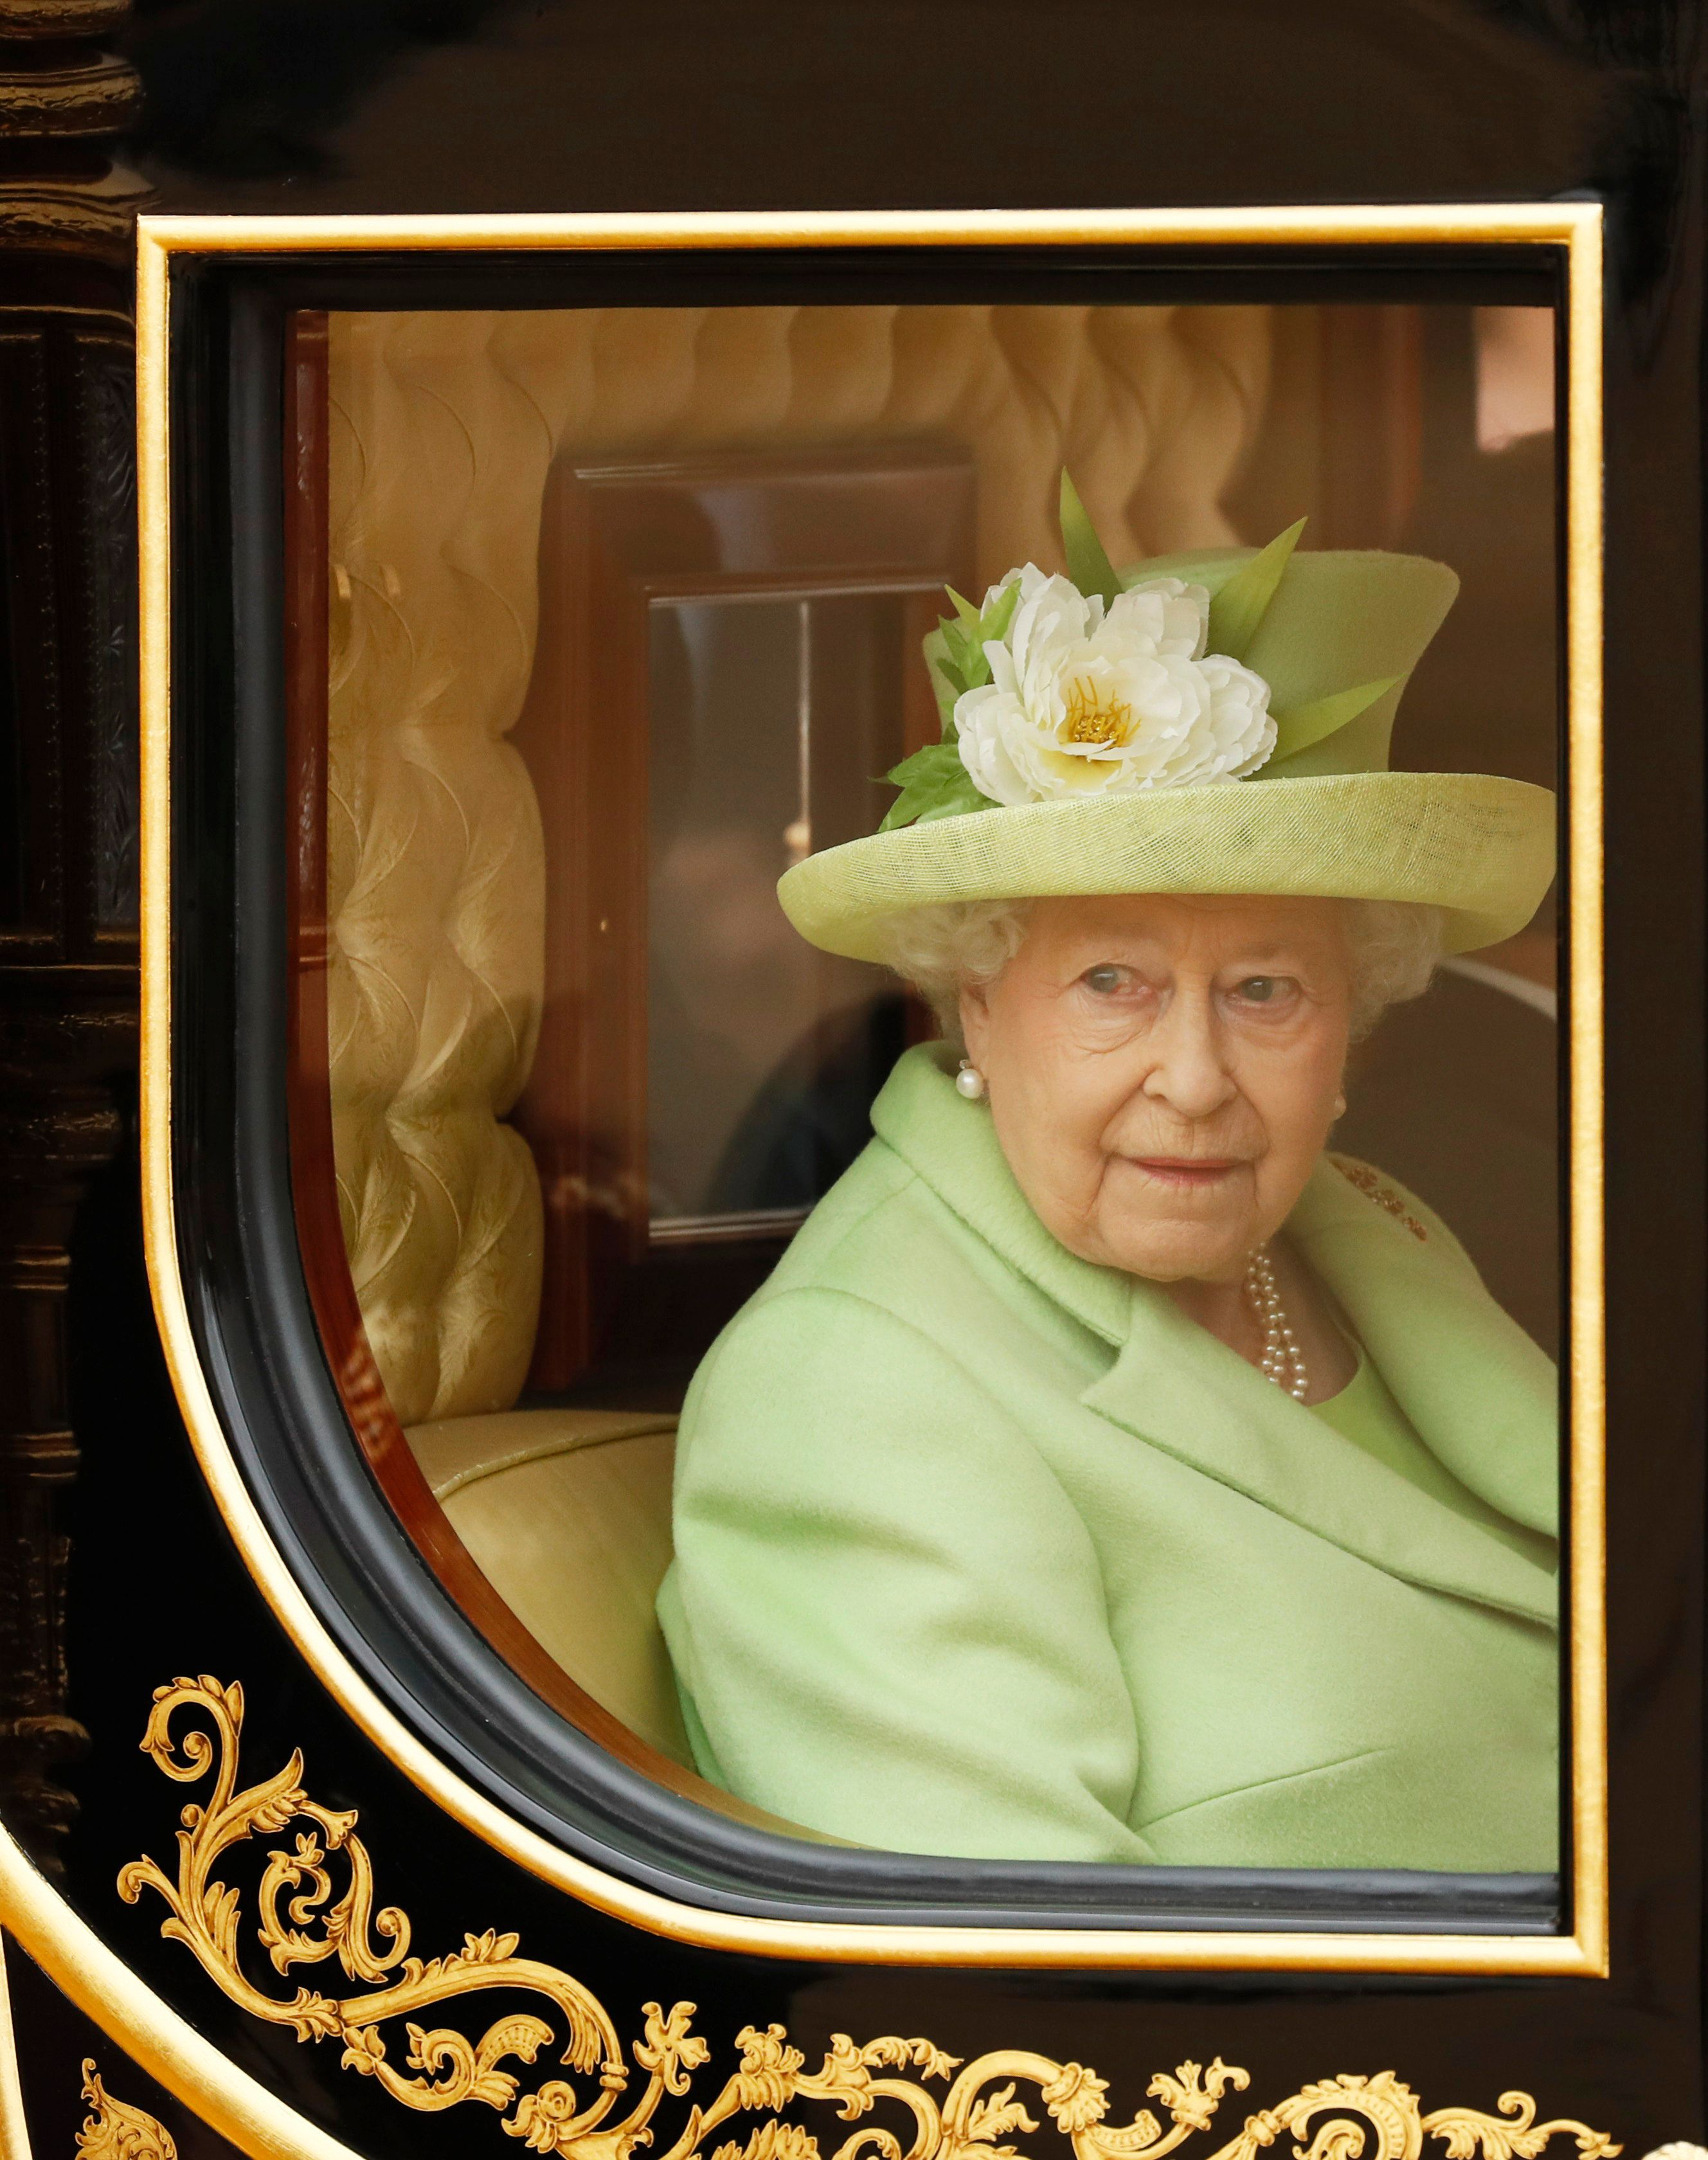 Αποκαλύφθηκε πλέον ότι είχε γίνει απόπειρα δολοφονίας της Βασίλισσας Ελισάβετ στη Νέα